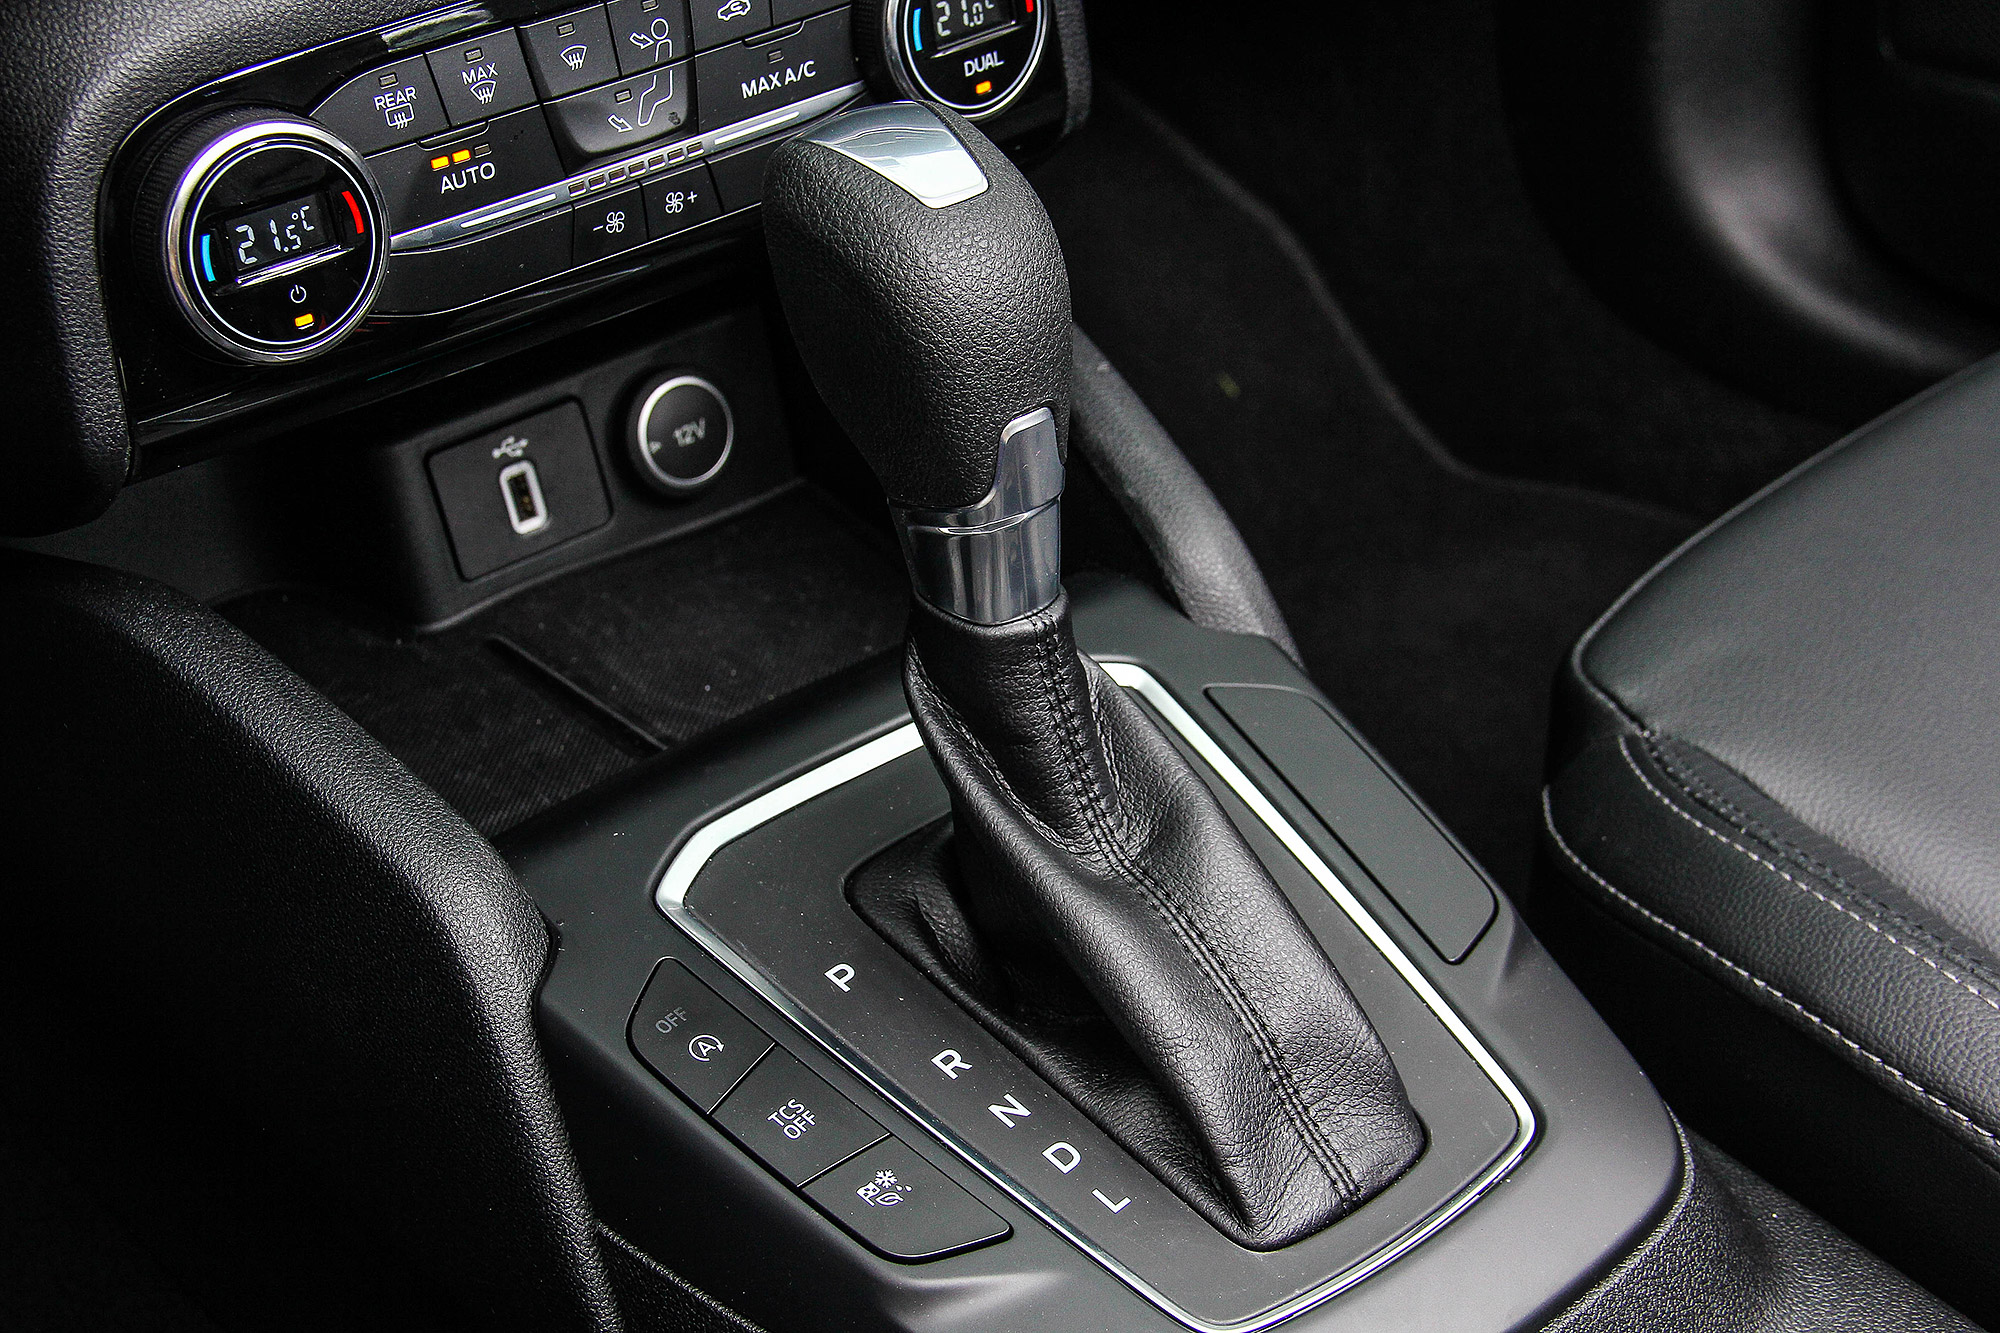 變速箱搭配 6 速自排,並未具備手自排功能。